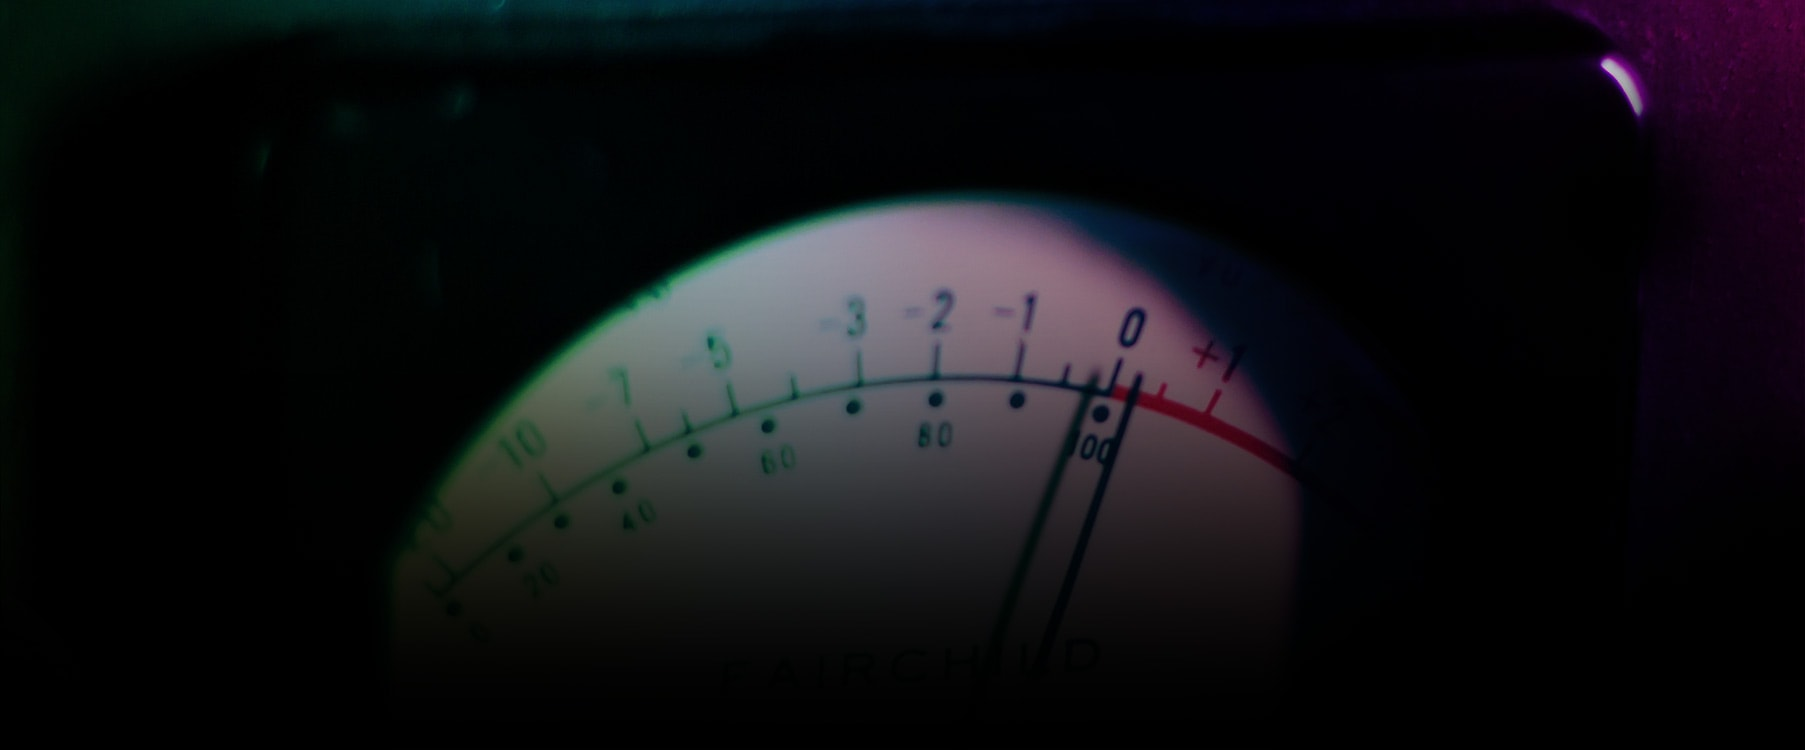 Optimizing Your UAD's Performance for Logic Pro